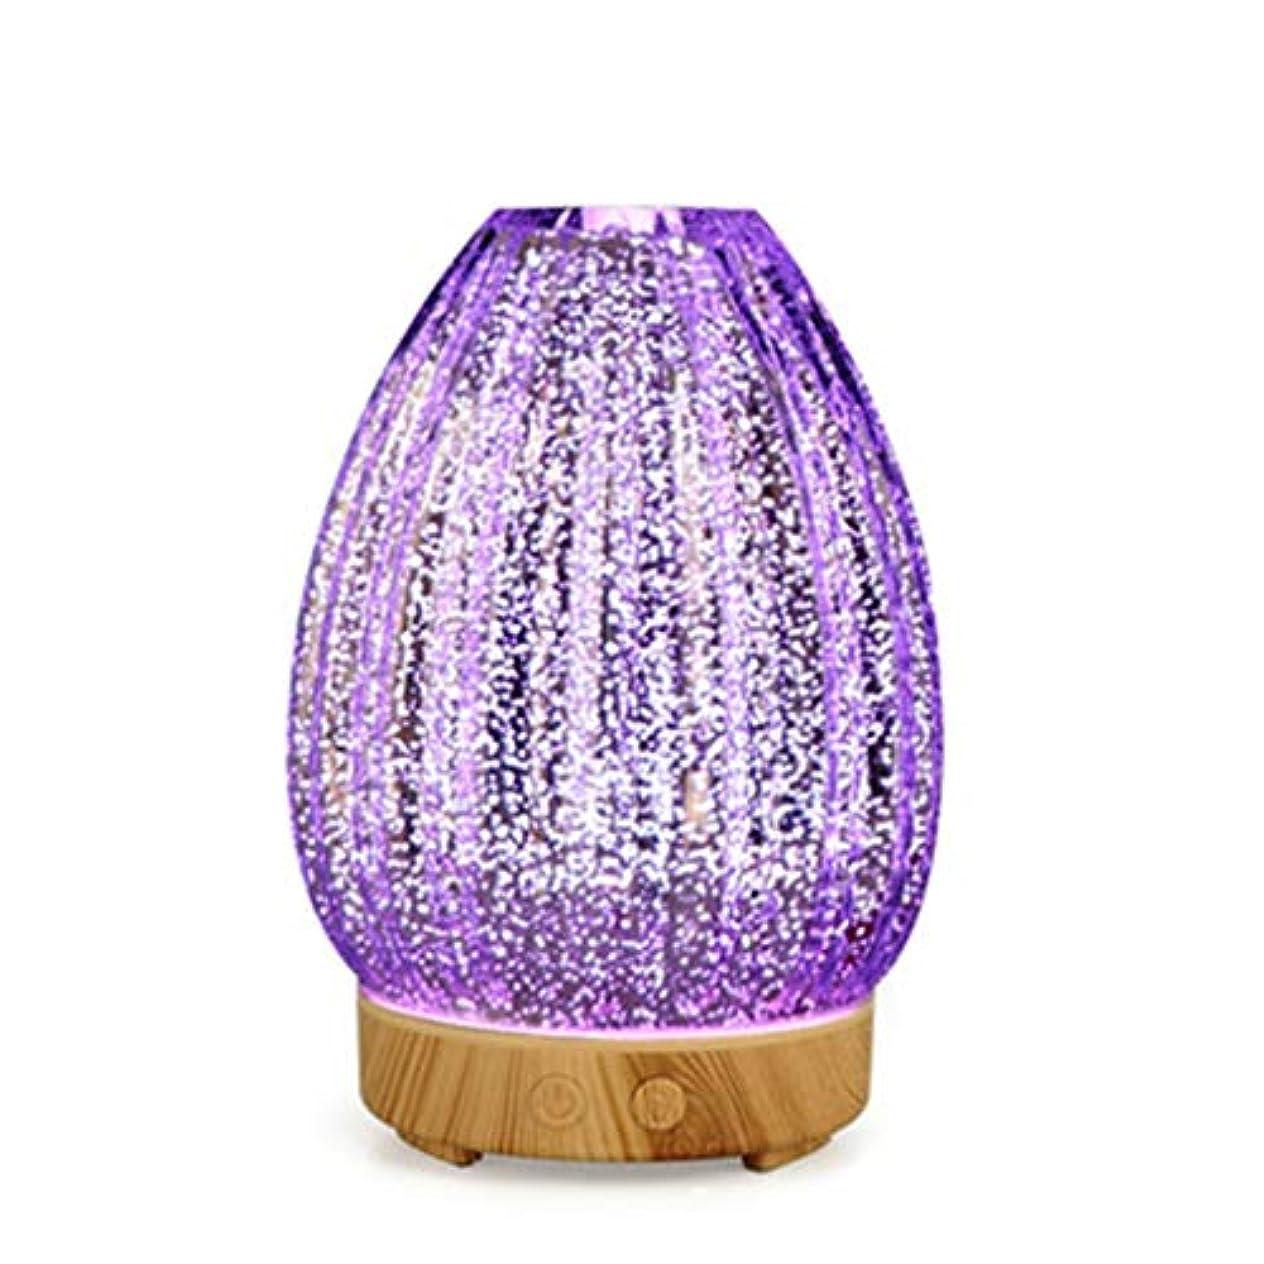 発表底スプレークールミスト空気加湿器、ウォーターフリーオートクローズ、7 LEDカラー変更ライト付き、寝室のベビーレディの家の装飾に適して (Color : Light wood grain)